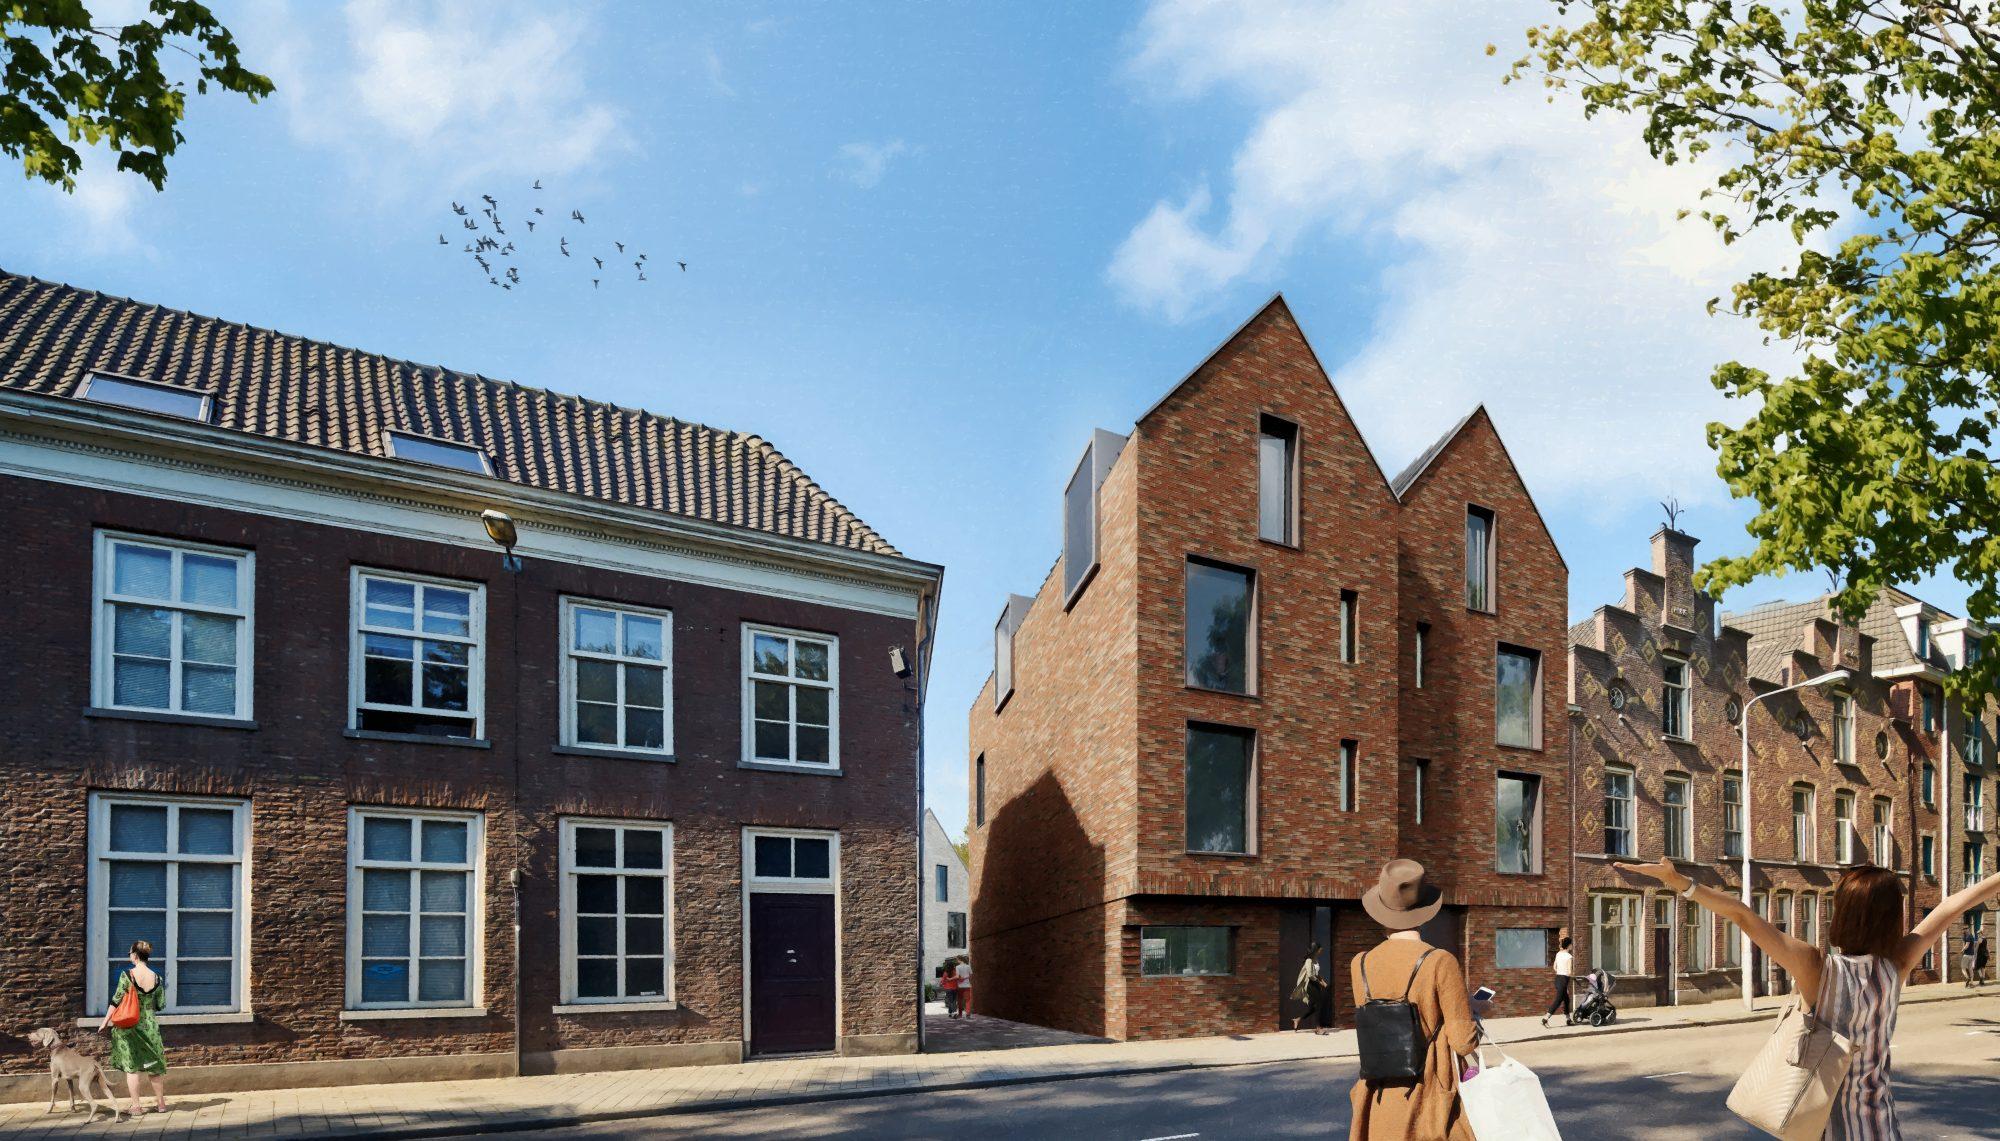 Coming soon: Urban villas de Negen Heren